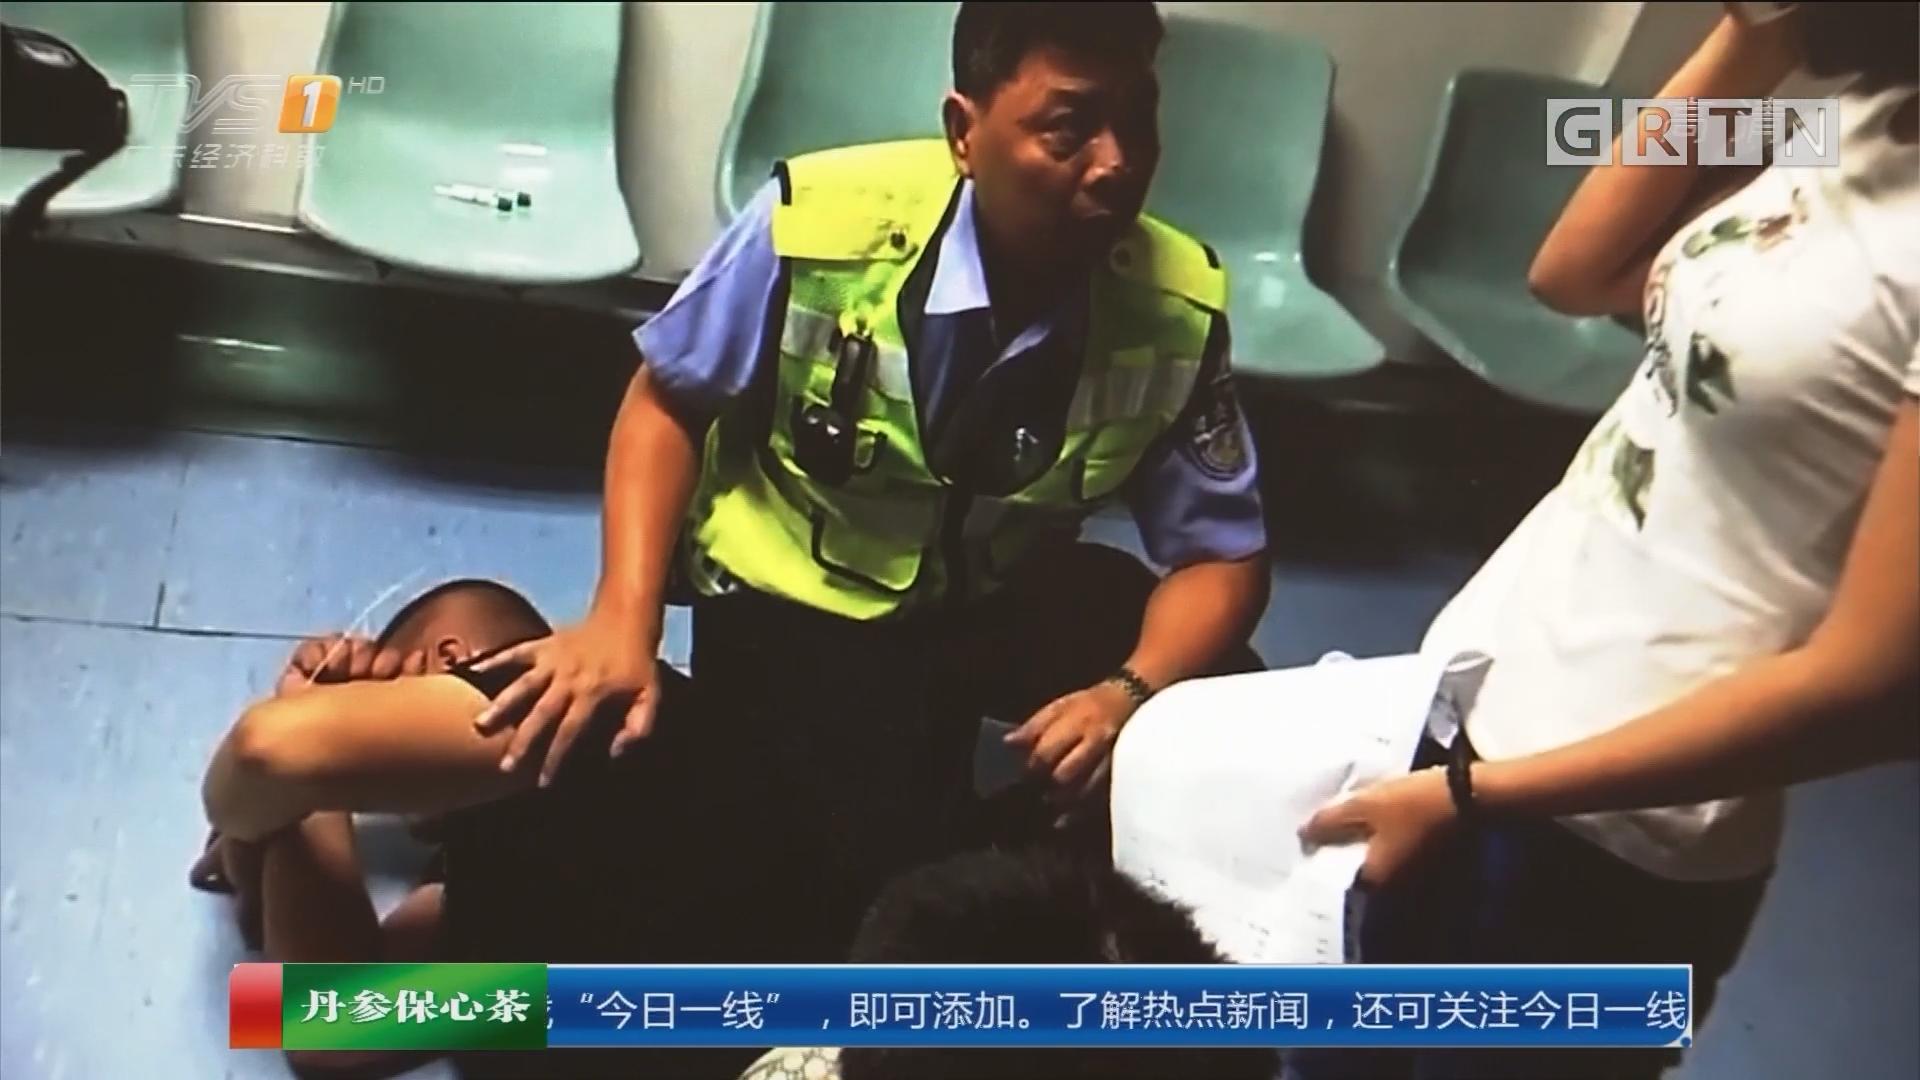 中山东区:男子驾车撞坏消防栓 大闹医院拒测酒精